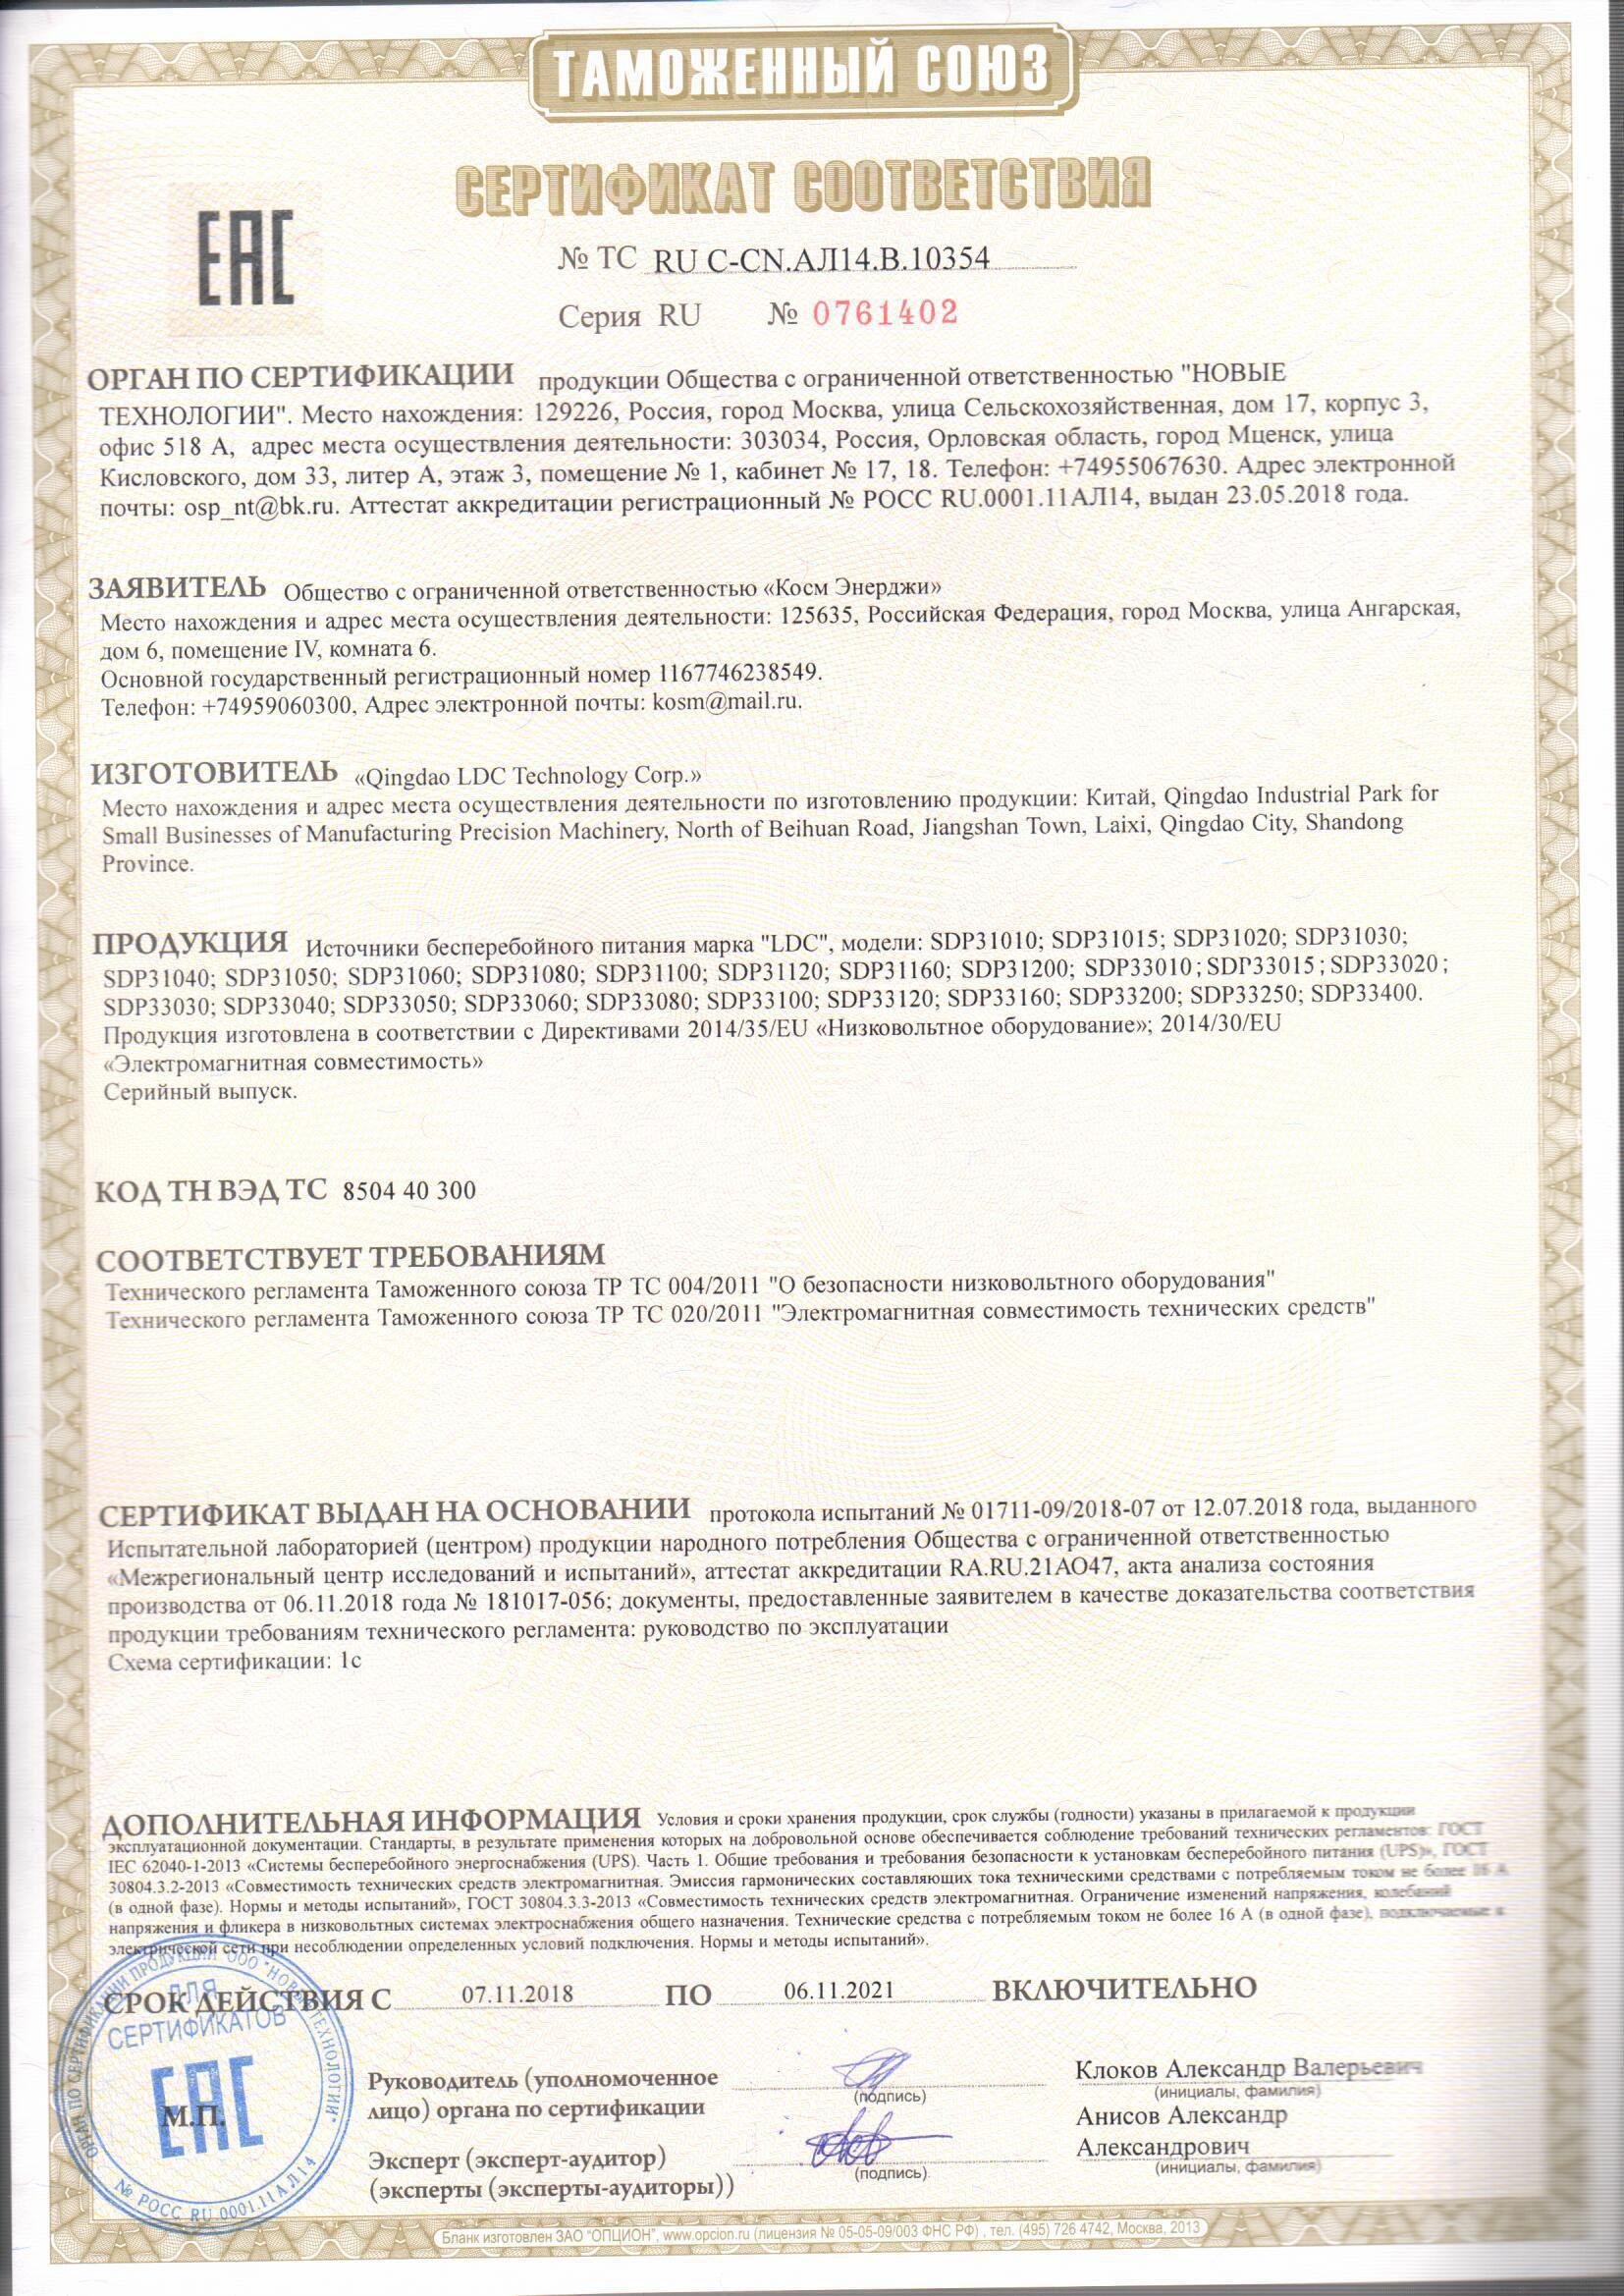 TRCU Certificate-海关联盟CU-TR合格认证